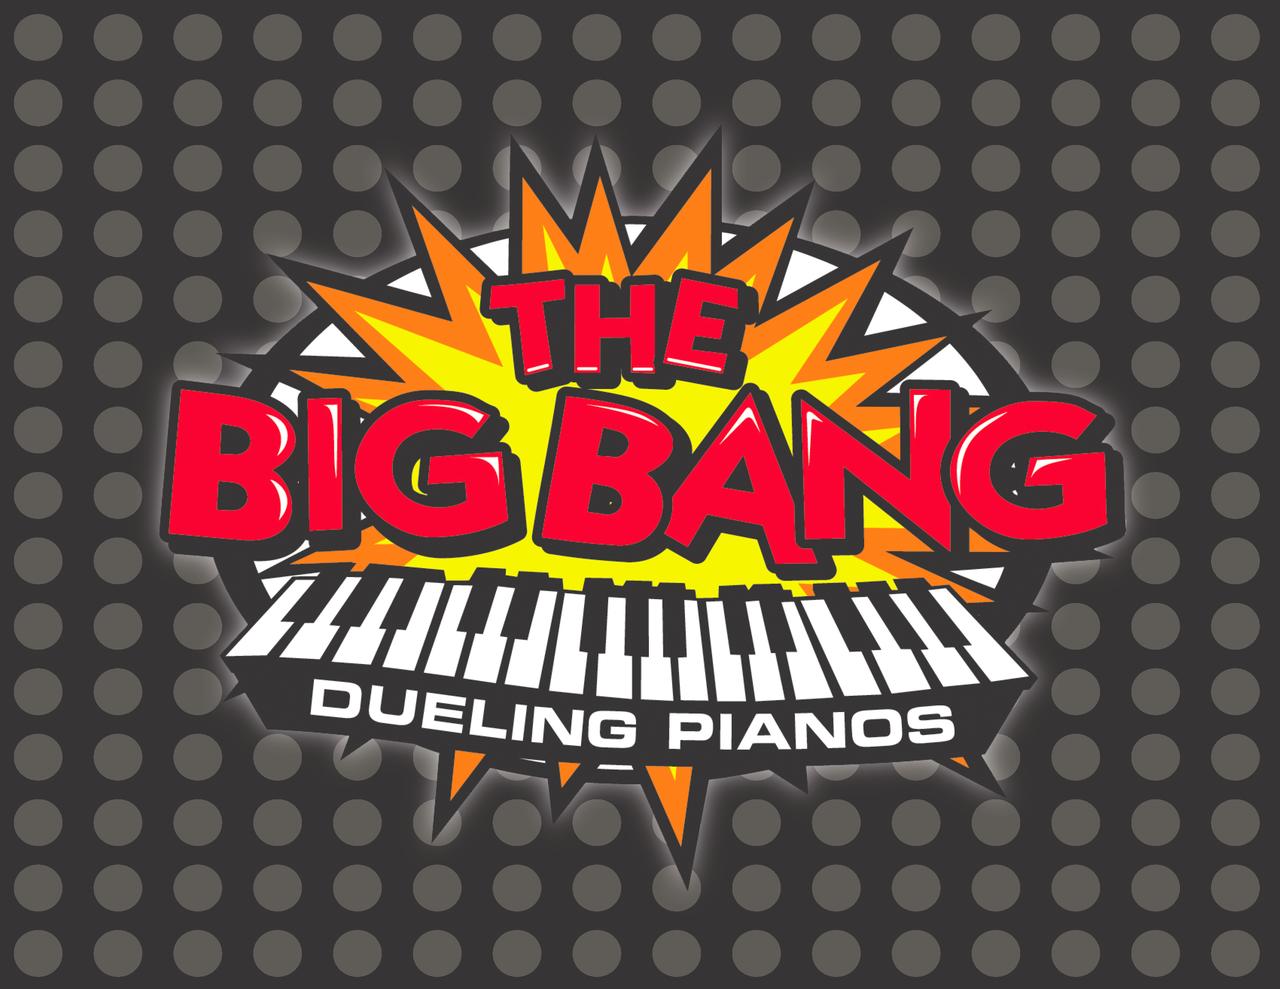 The Big Bang Dueling Piano Bar